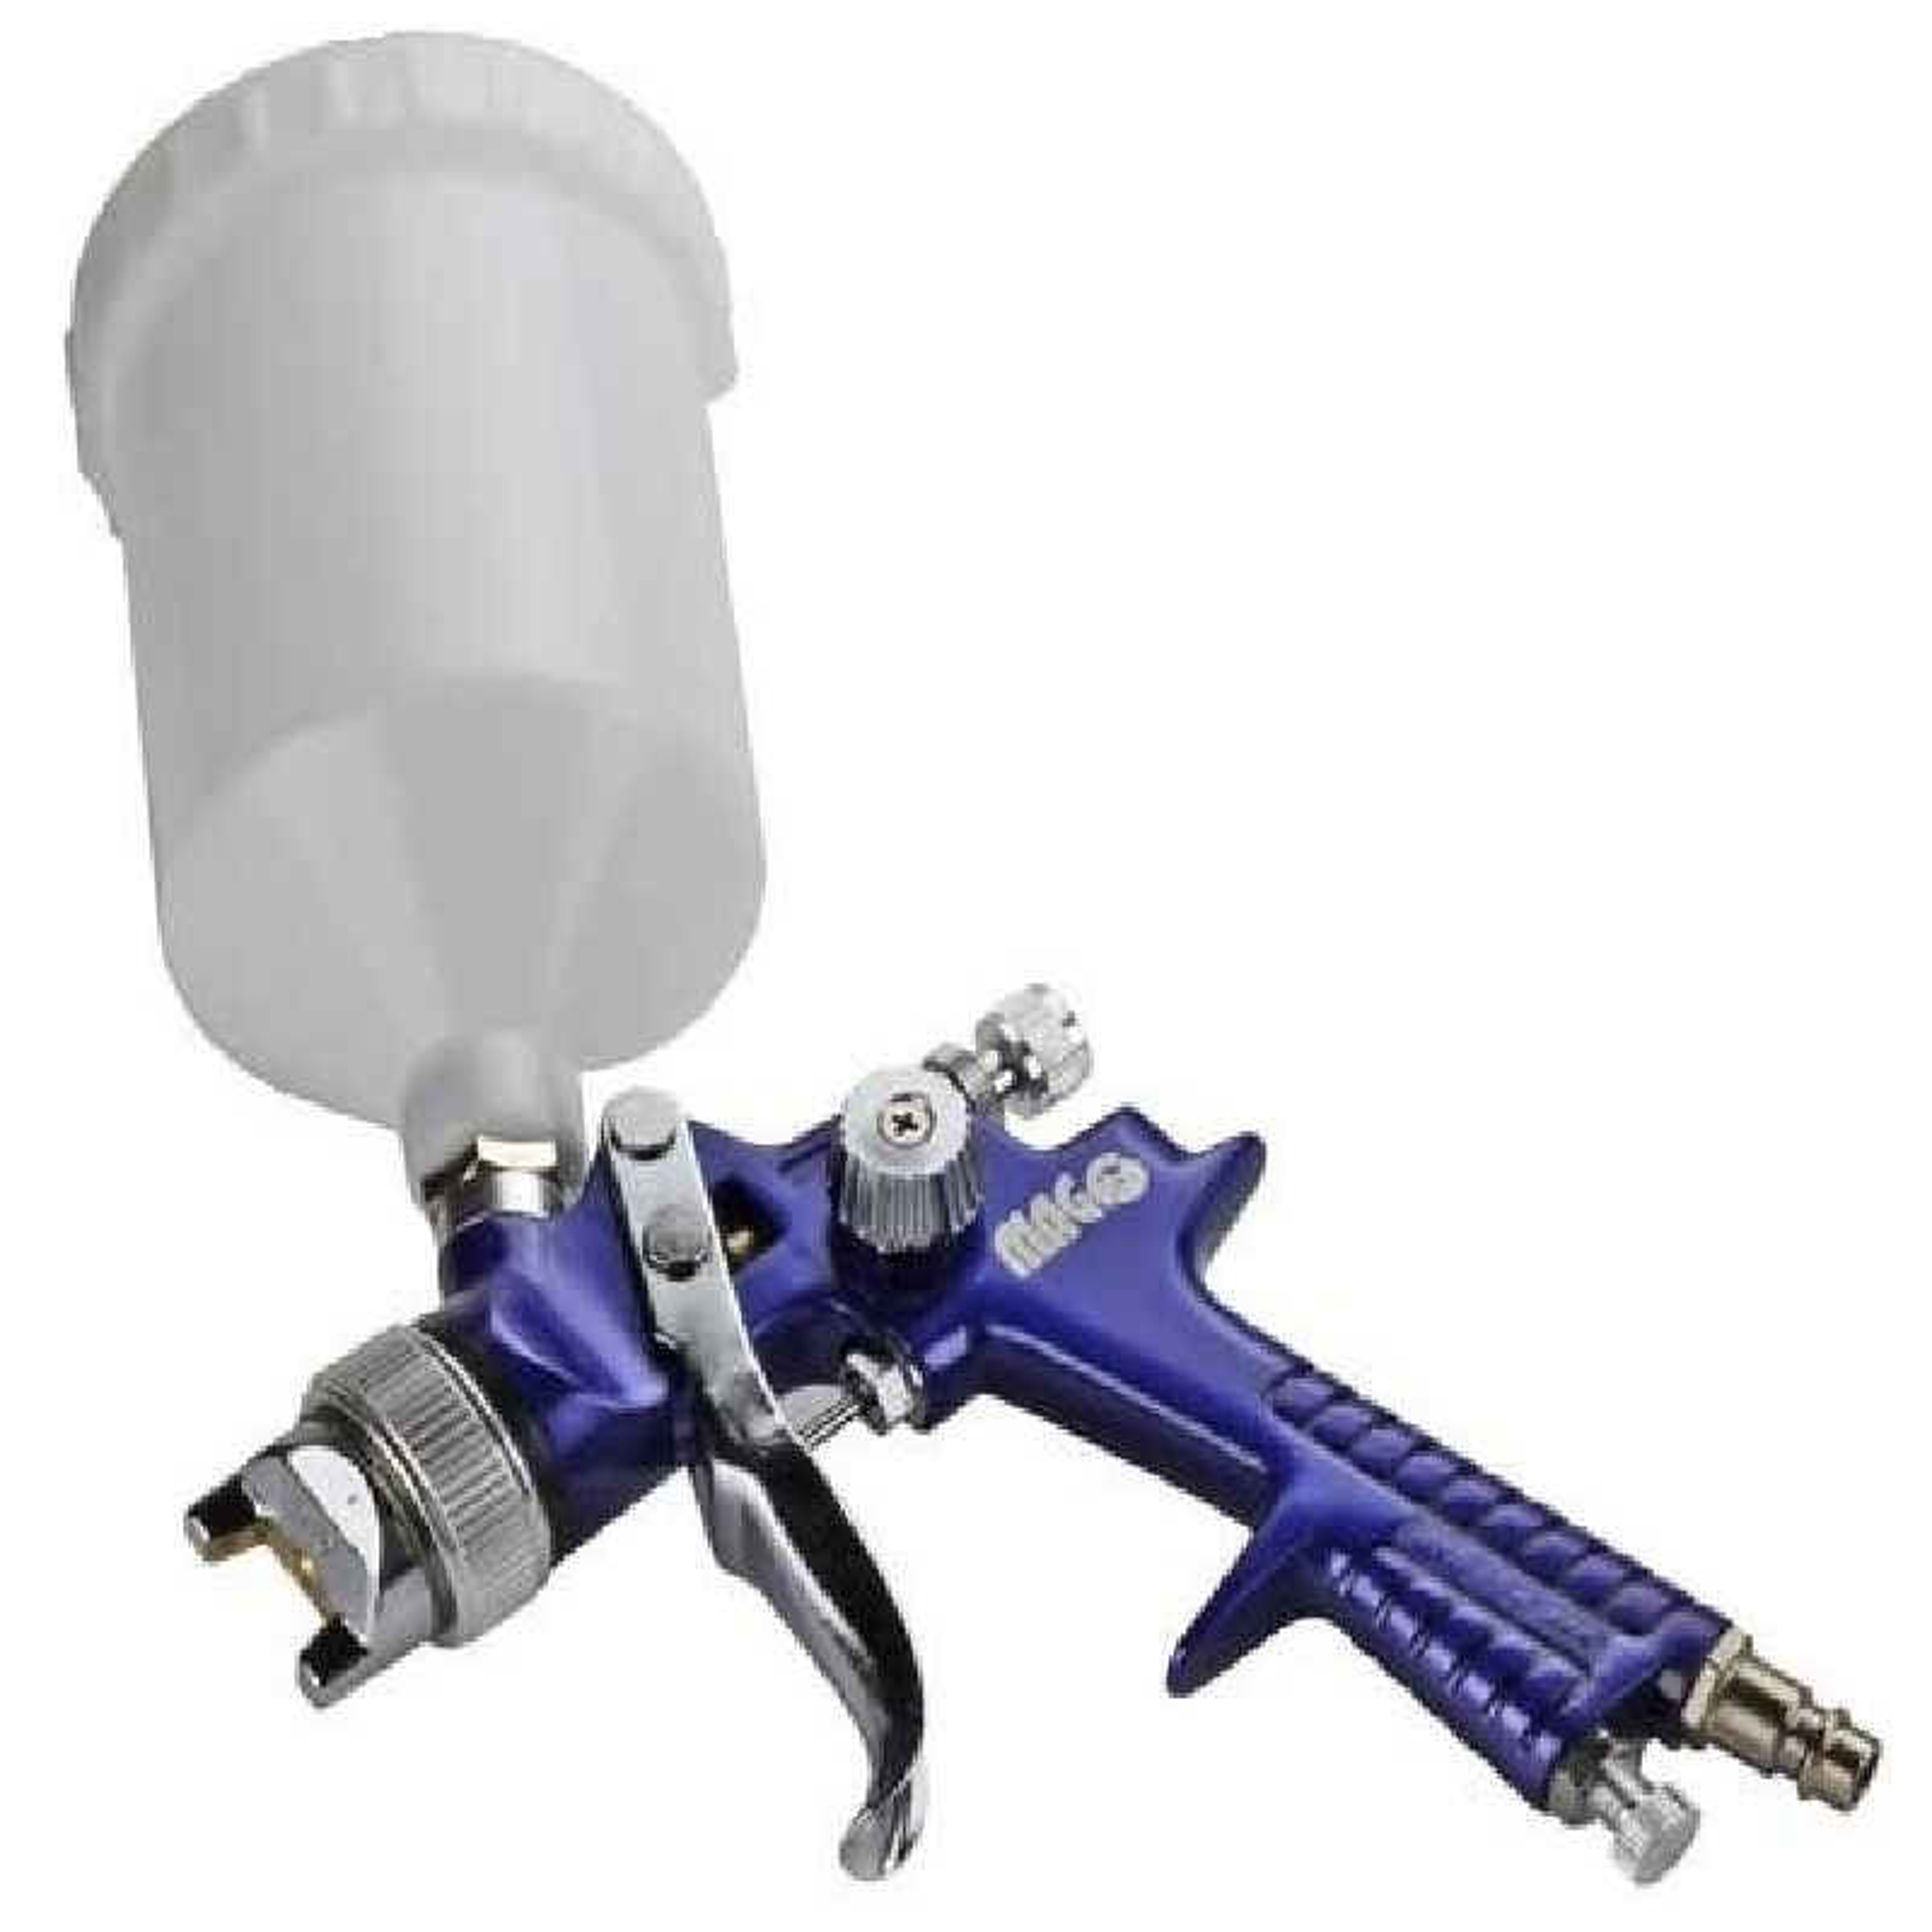 Stříkací pistole, HVLP, 1,4mm, horní nádoba 600ml, WJ0081A1, MAGG